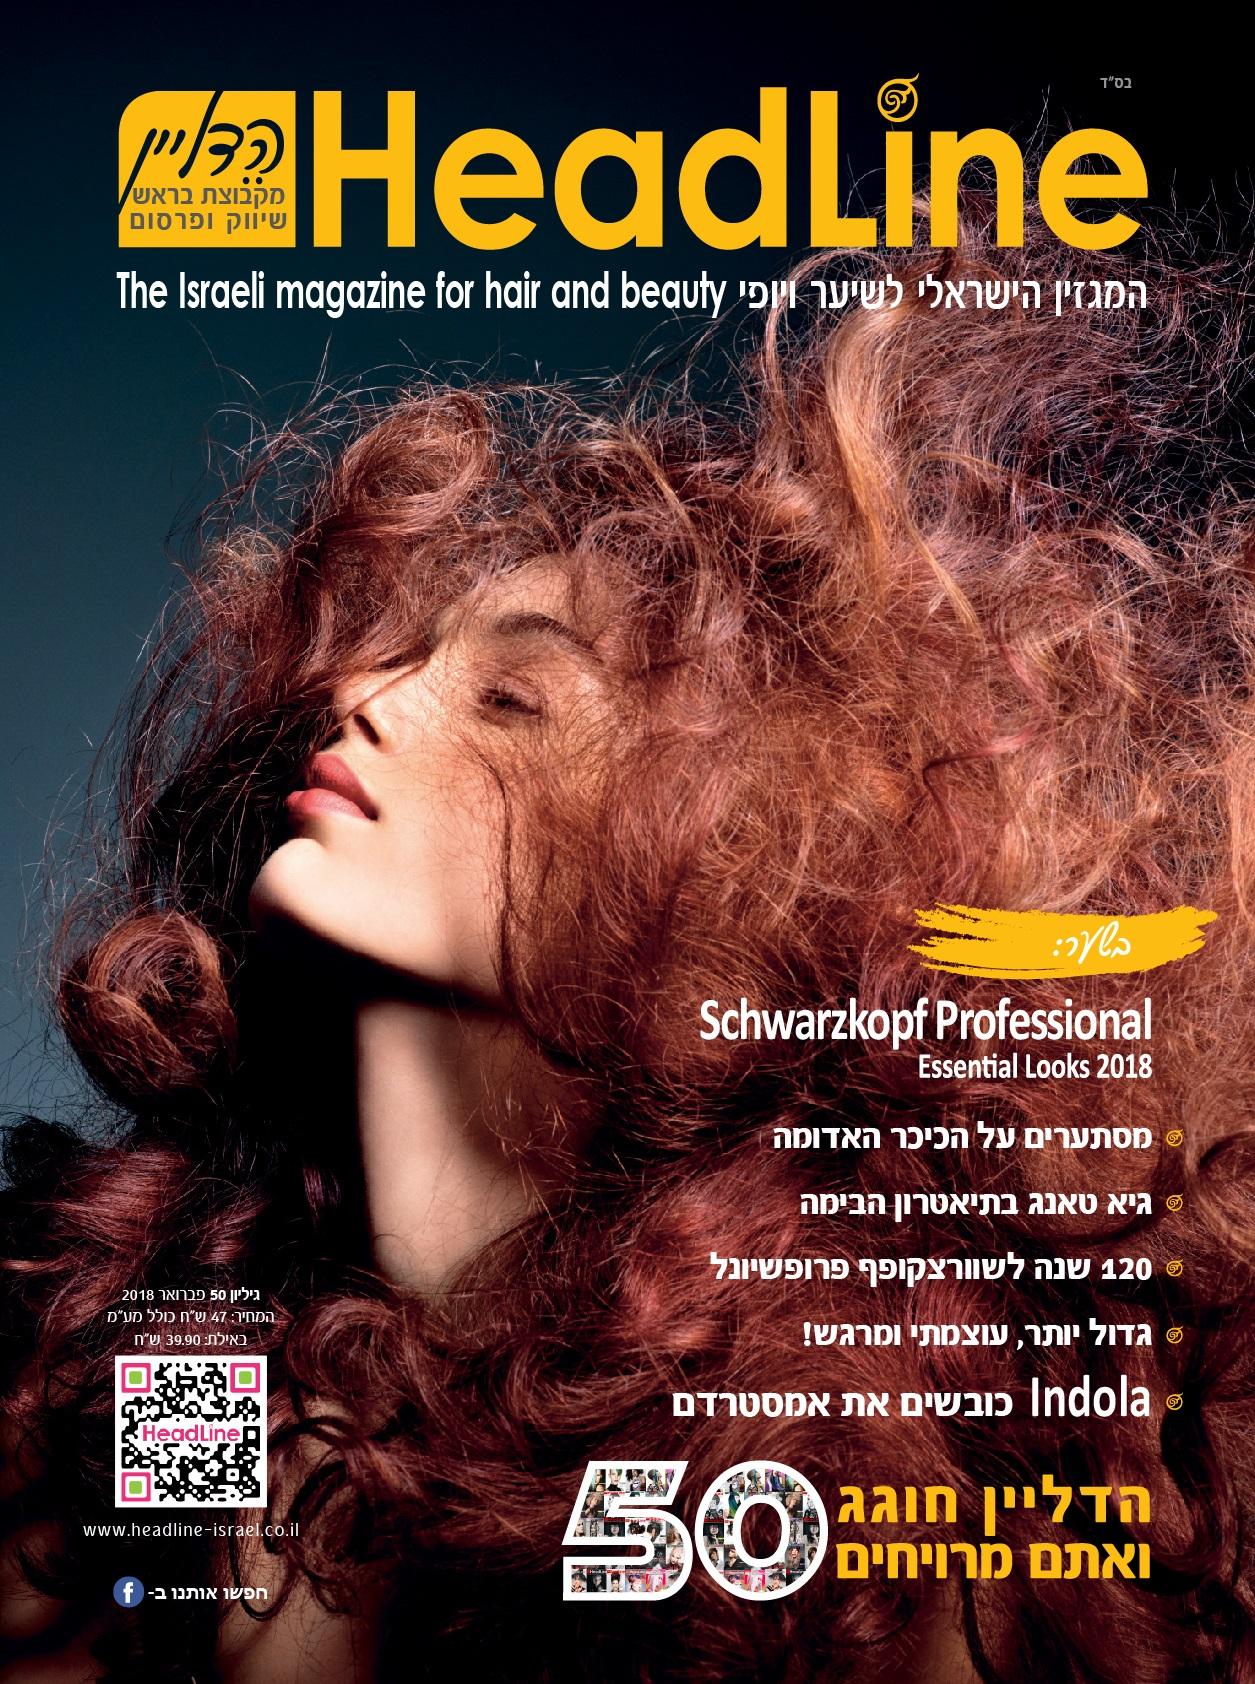 גיליון היובל (50) החגיגי של מגזין הדליין יצא לאור